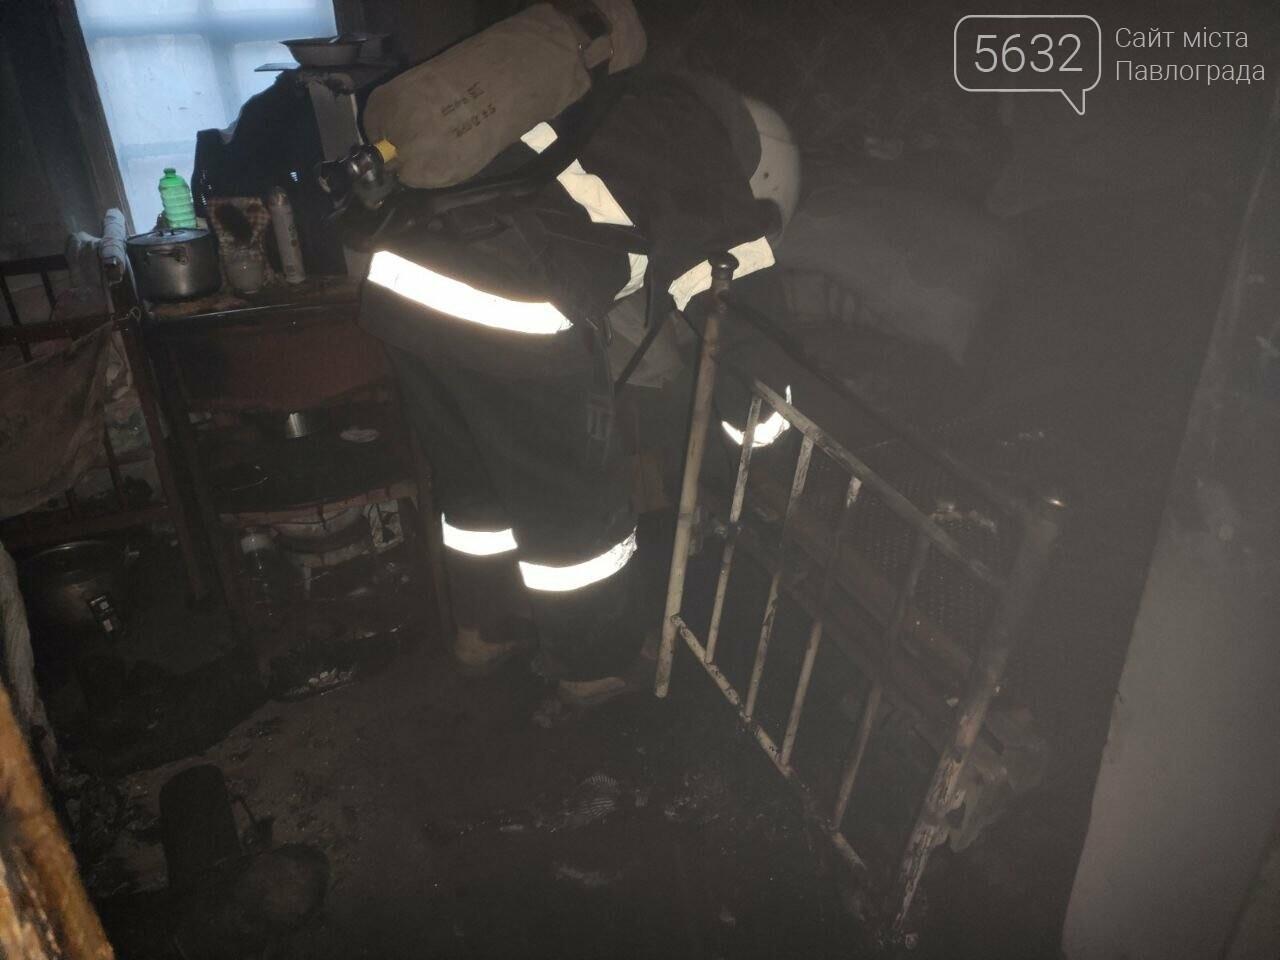 На пожаре в Петропавловском районе грудной ребенок получил сильные ожоги, фото-3